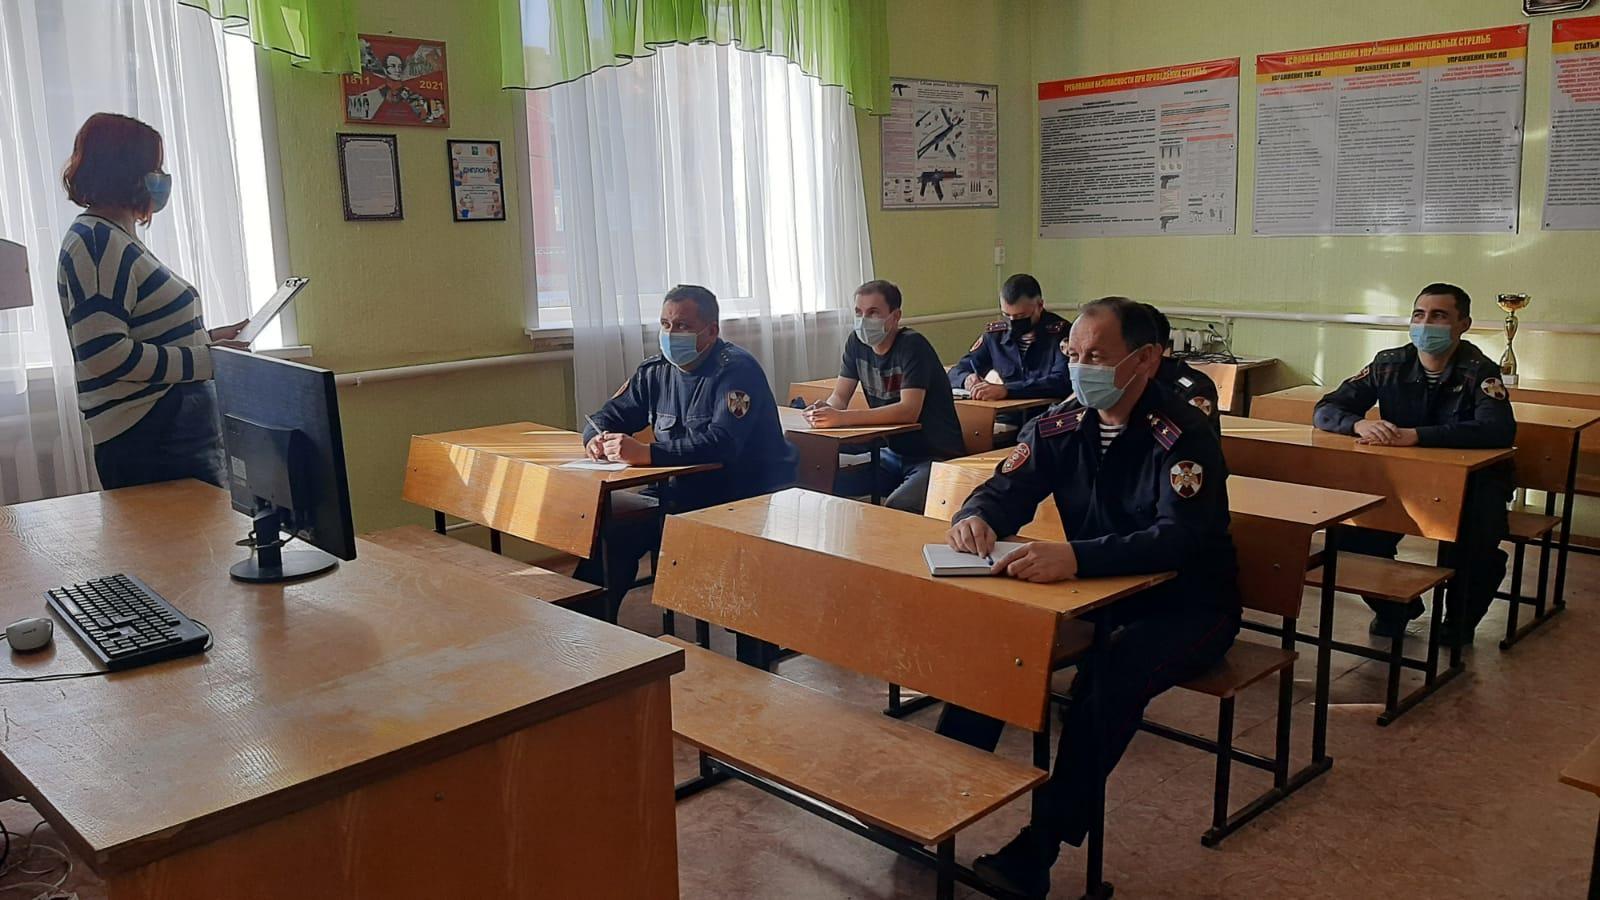 В Башкирии росгвардейцы приняли участие в патриотической викторине